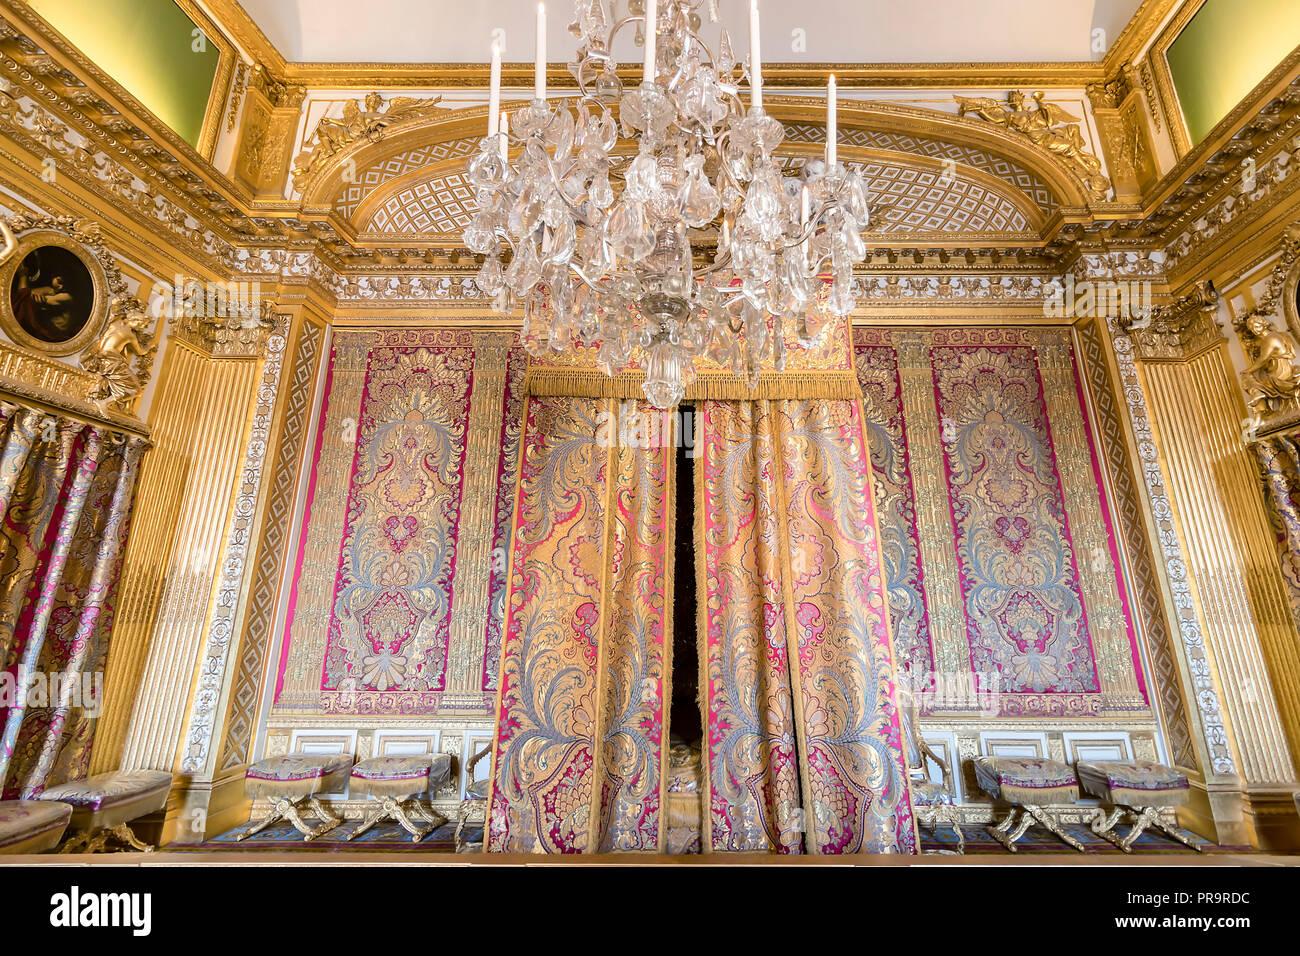 Bedroom Of Louis Xiv Stockfotos & Bedroom Of Louis Xiv Bilder - Alamy